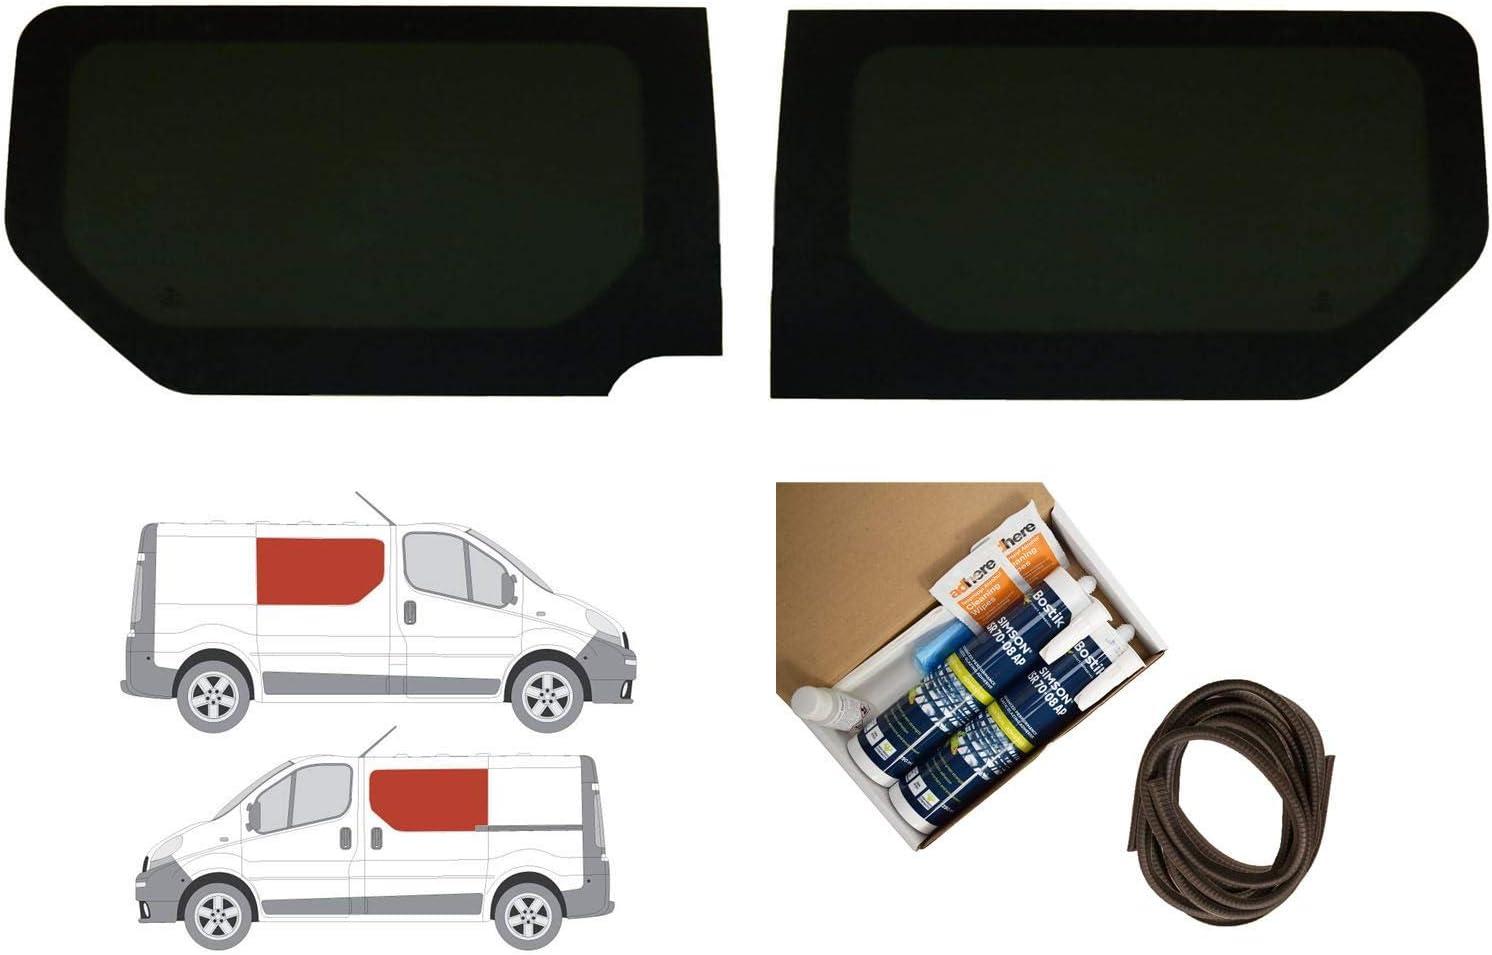 Oscuro Tint fija doble ventana lateral – Juego de montaje de radio en Opel Vivaro (02 – 14): Amazon.es: Coche y moto